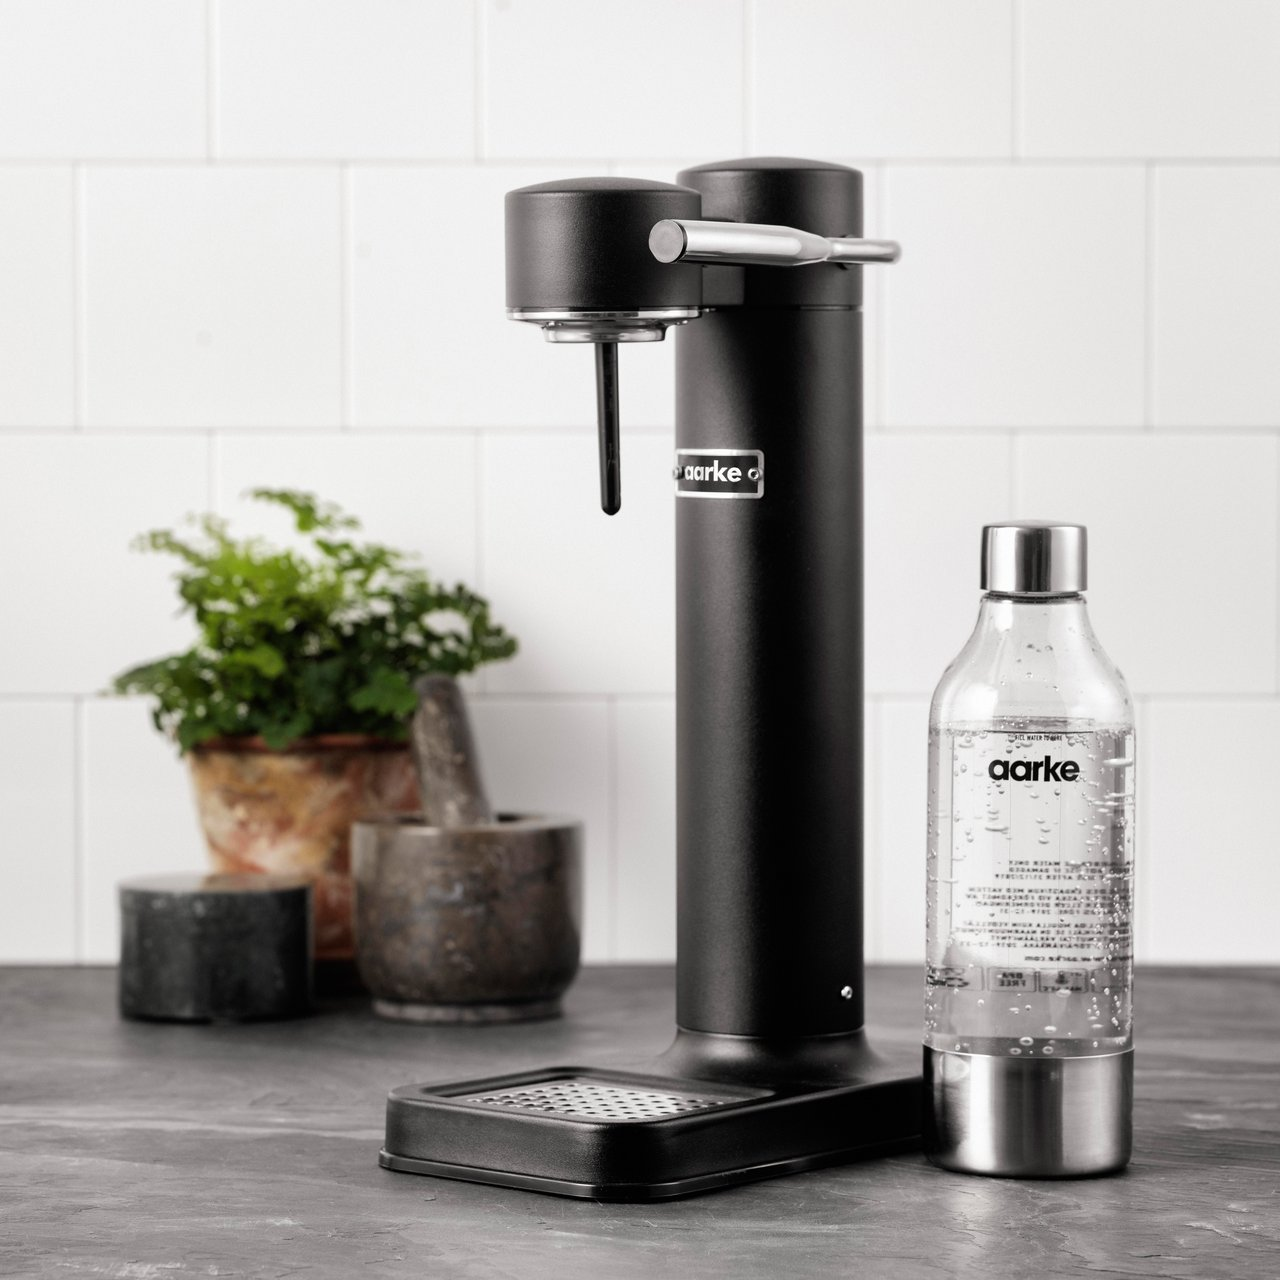 AARKE Matte Black Carbonator Sparkling Water Maker